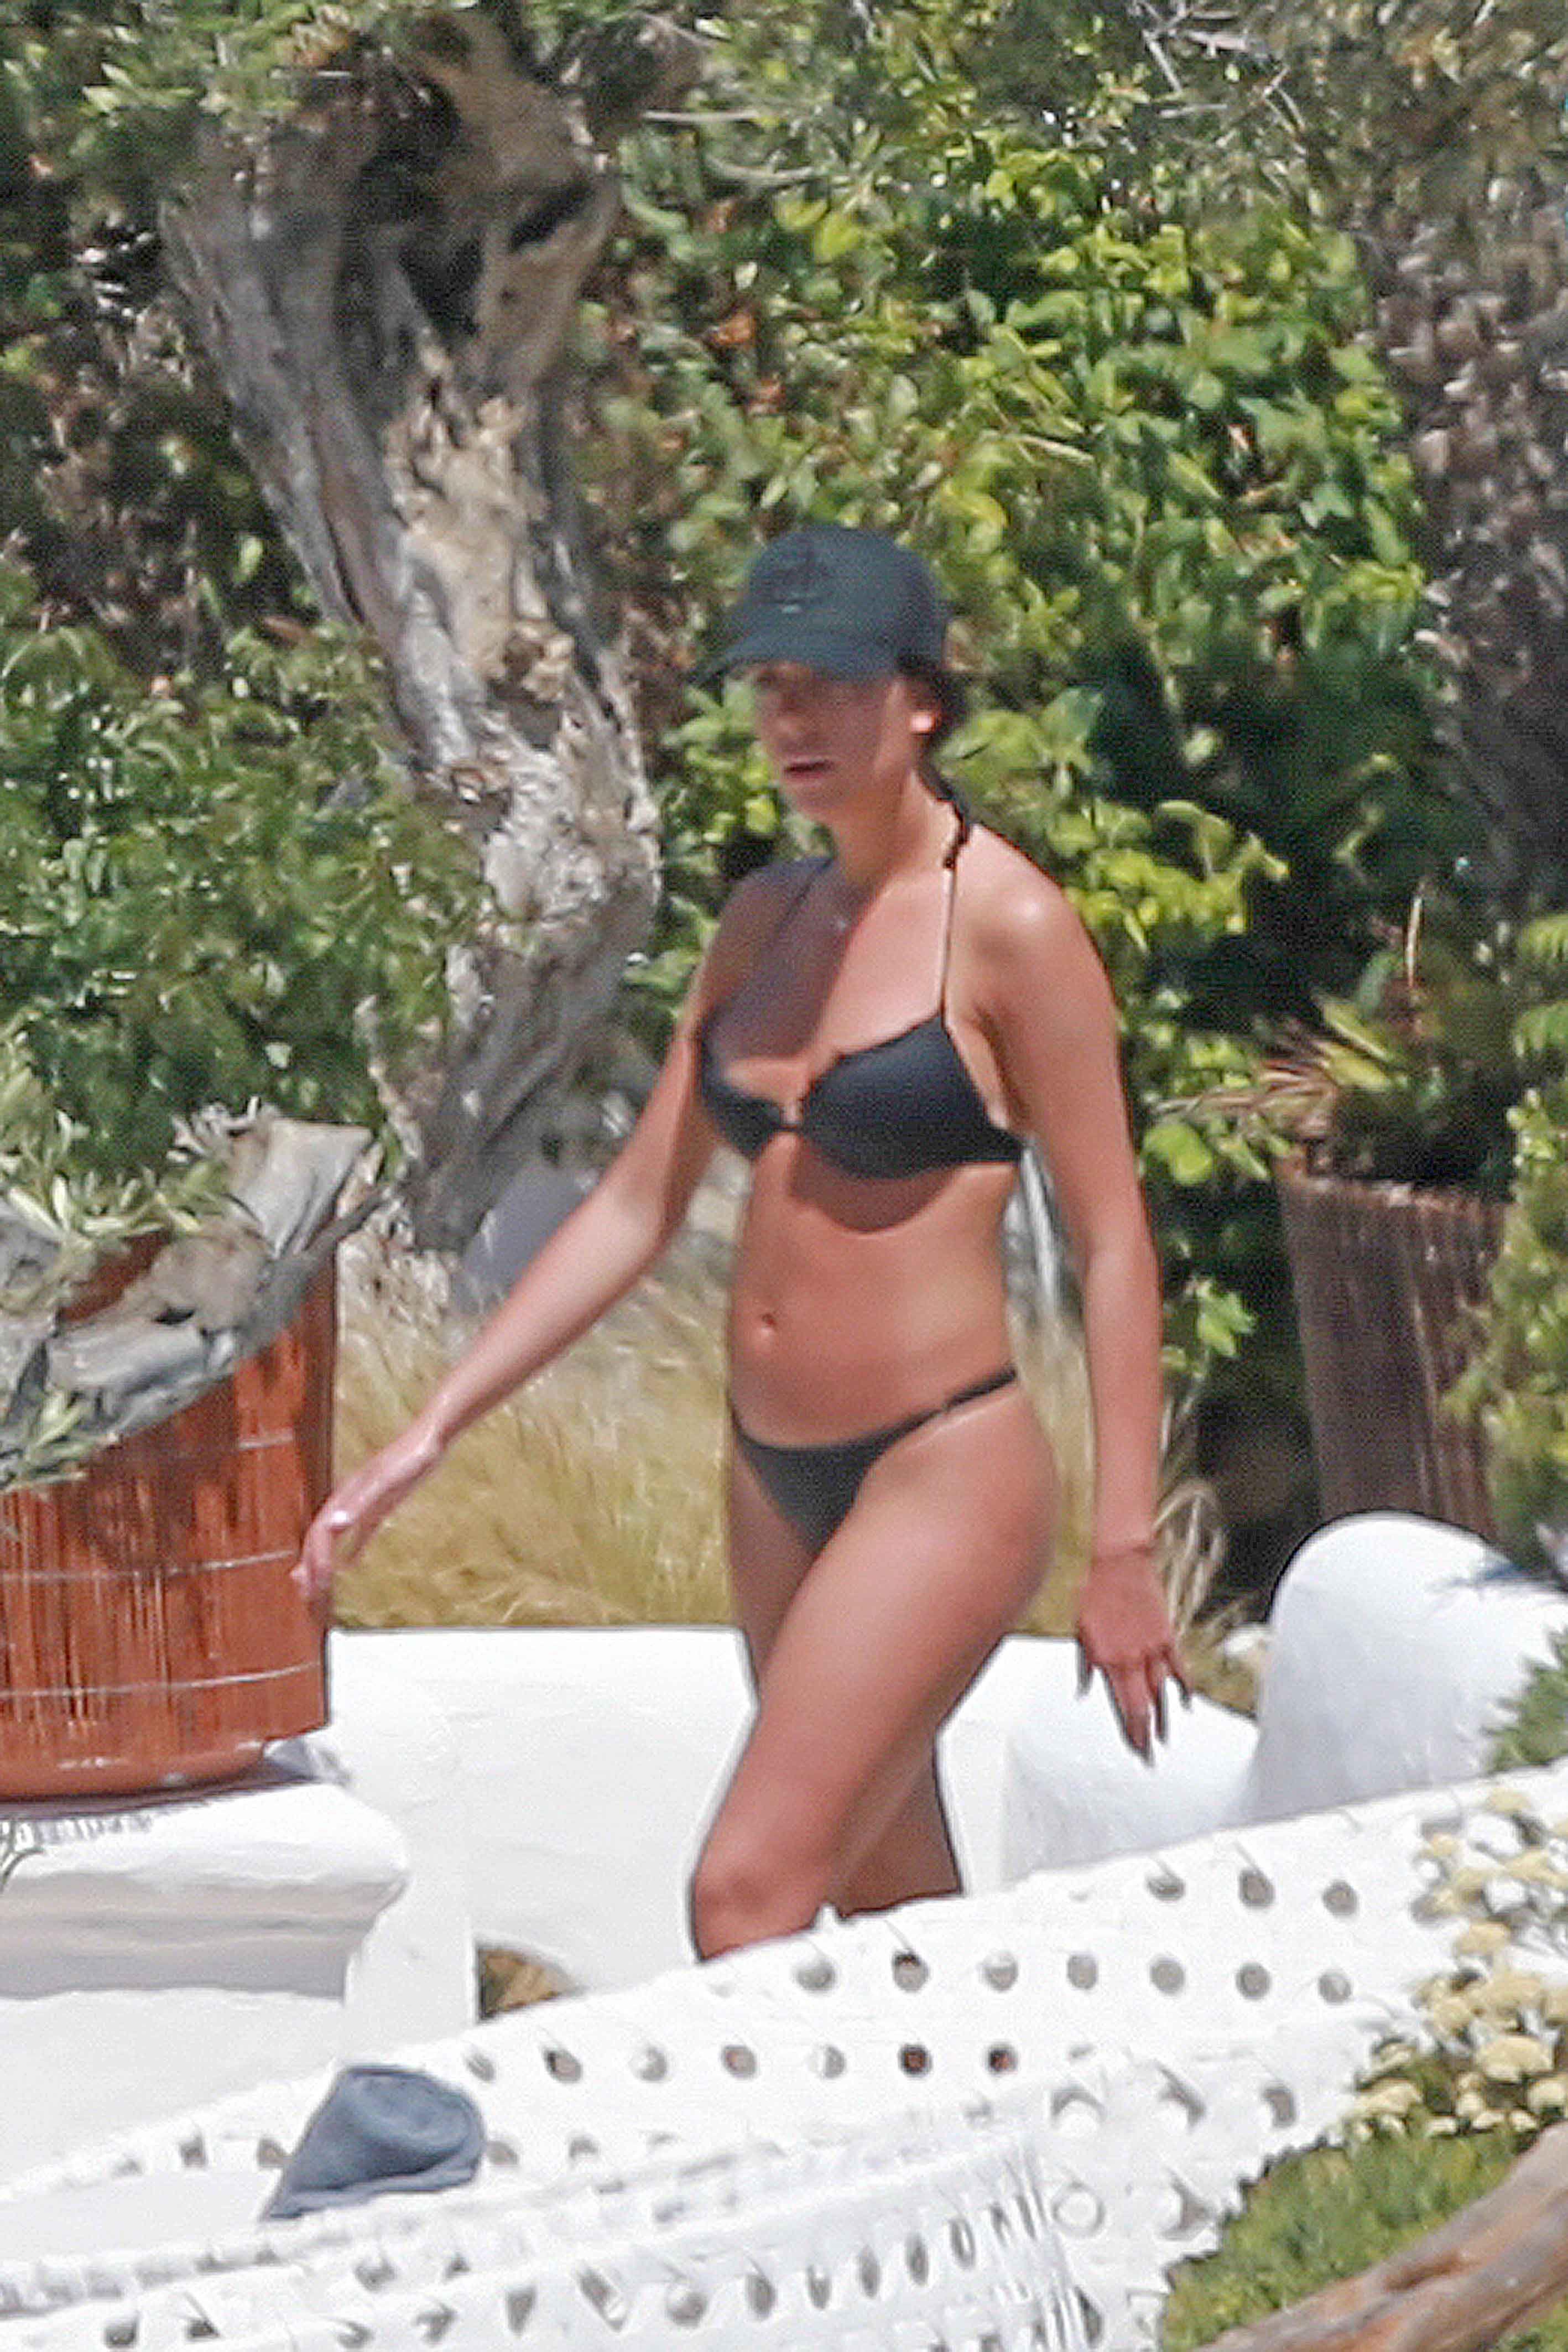 wife bikini pic post